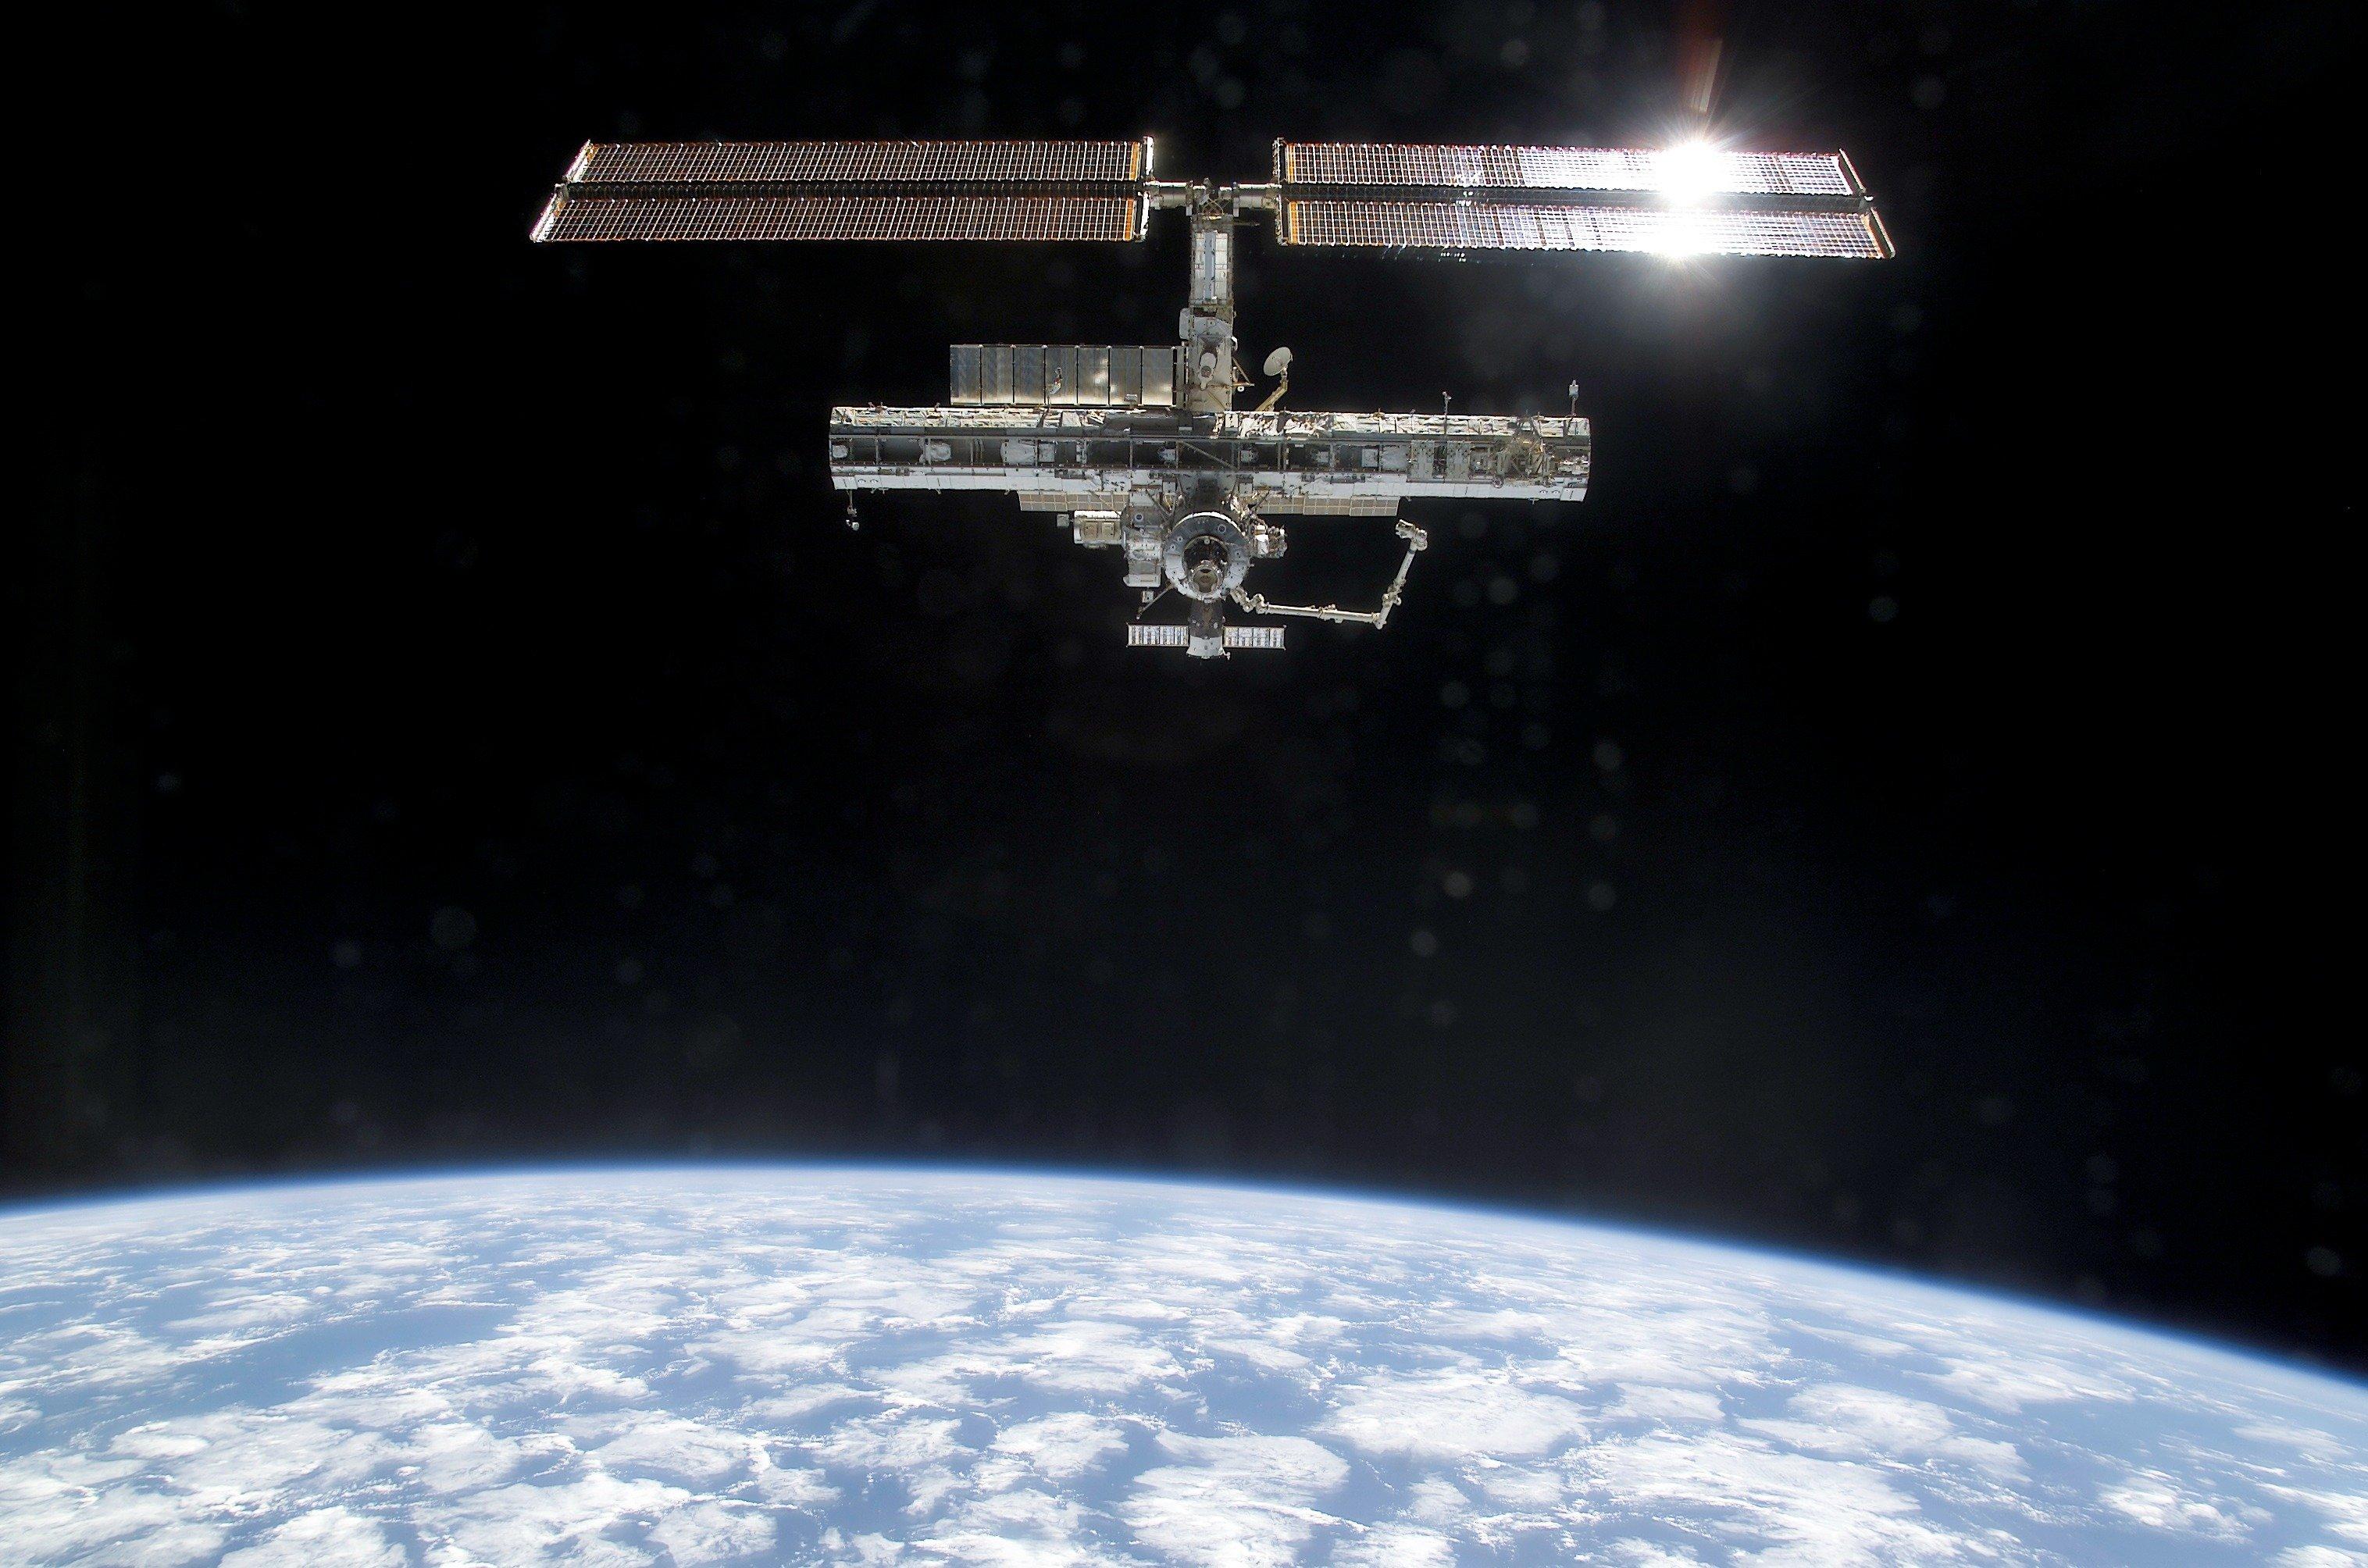 Die ISS im Jahr 2002, aufgenommen vom Space Shuttle Endeavour, nach dem Ablegen.